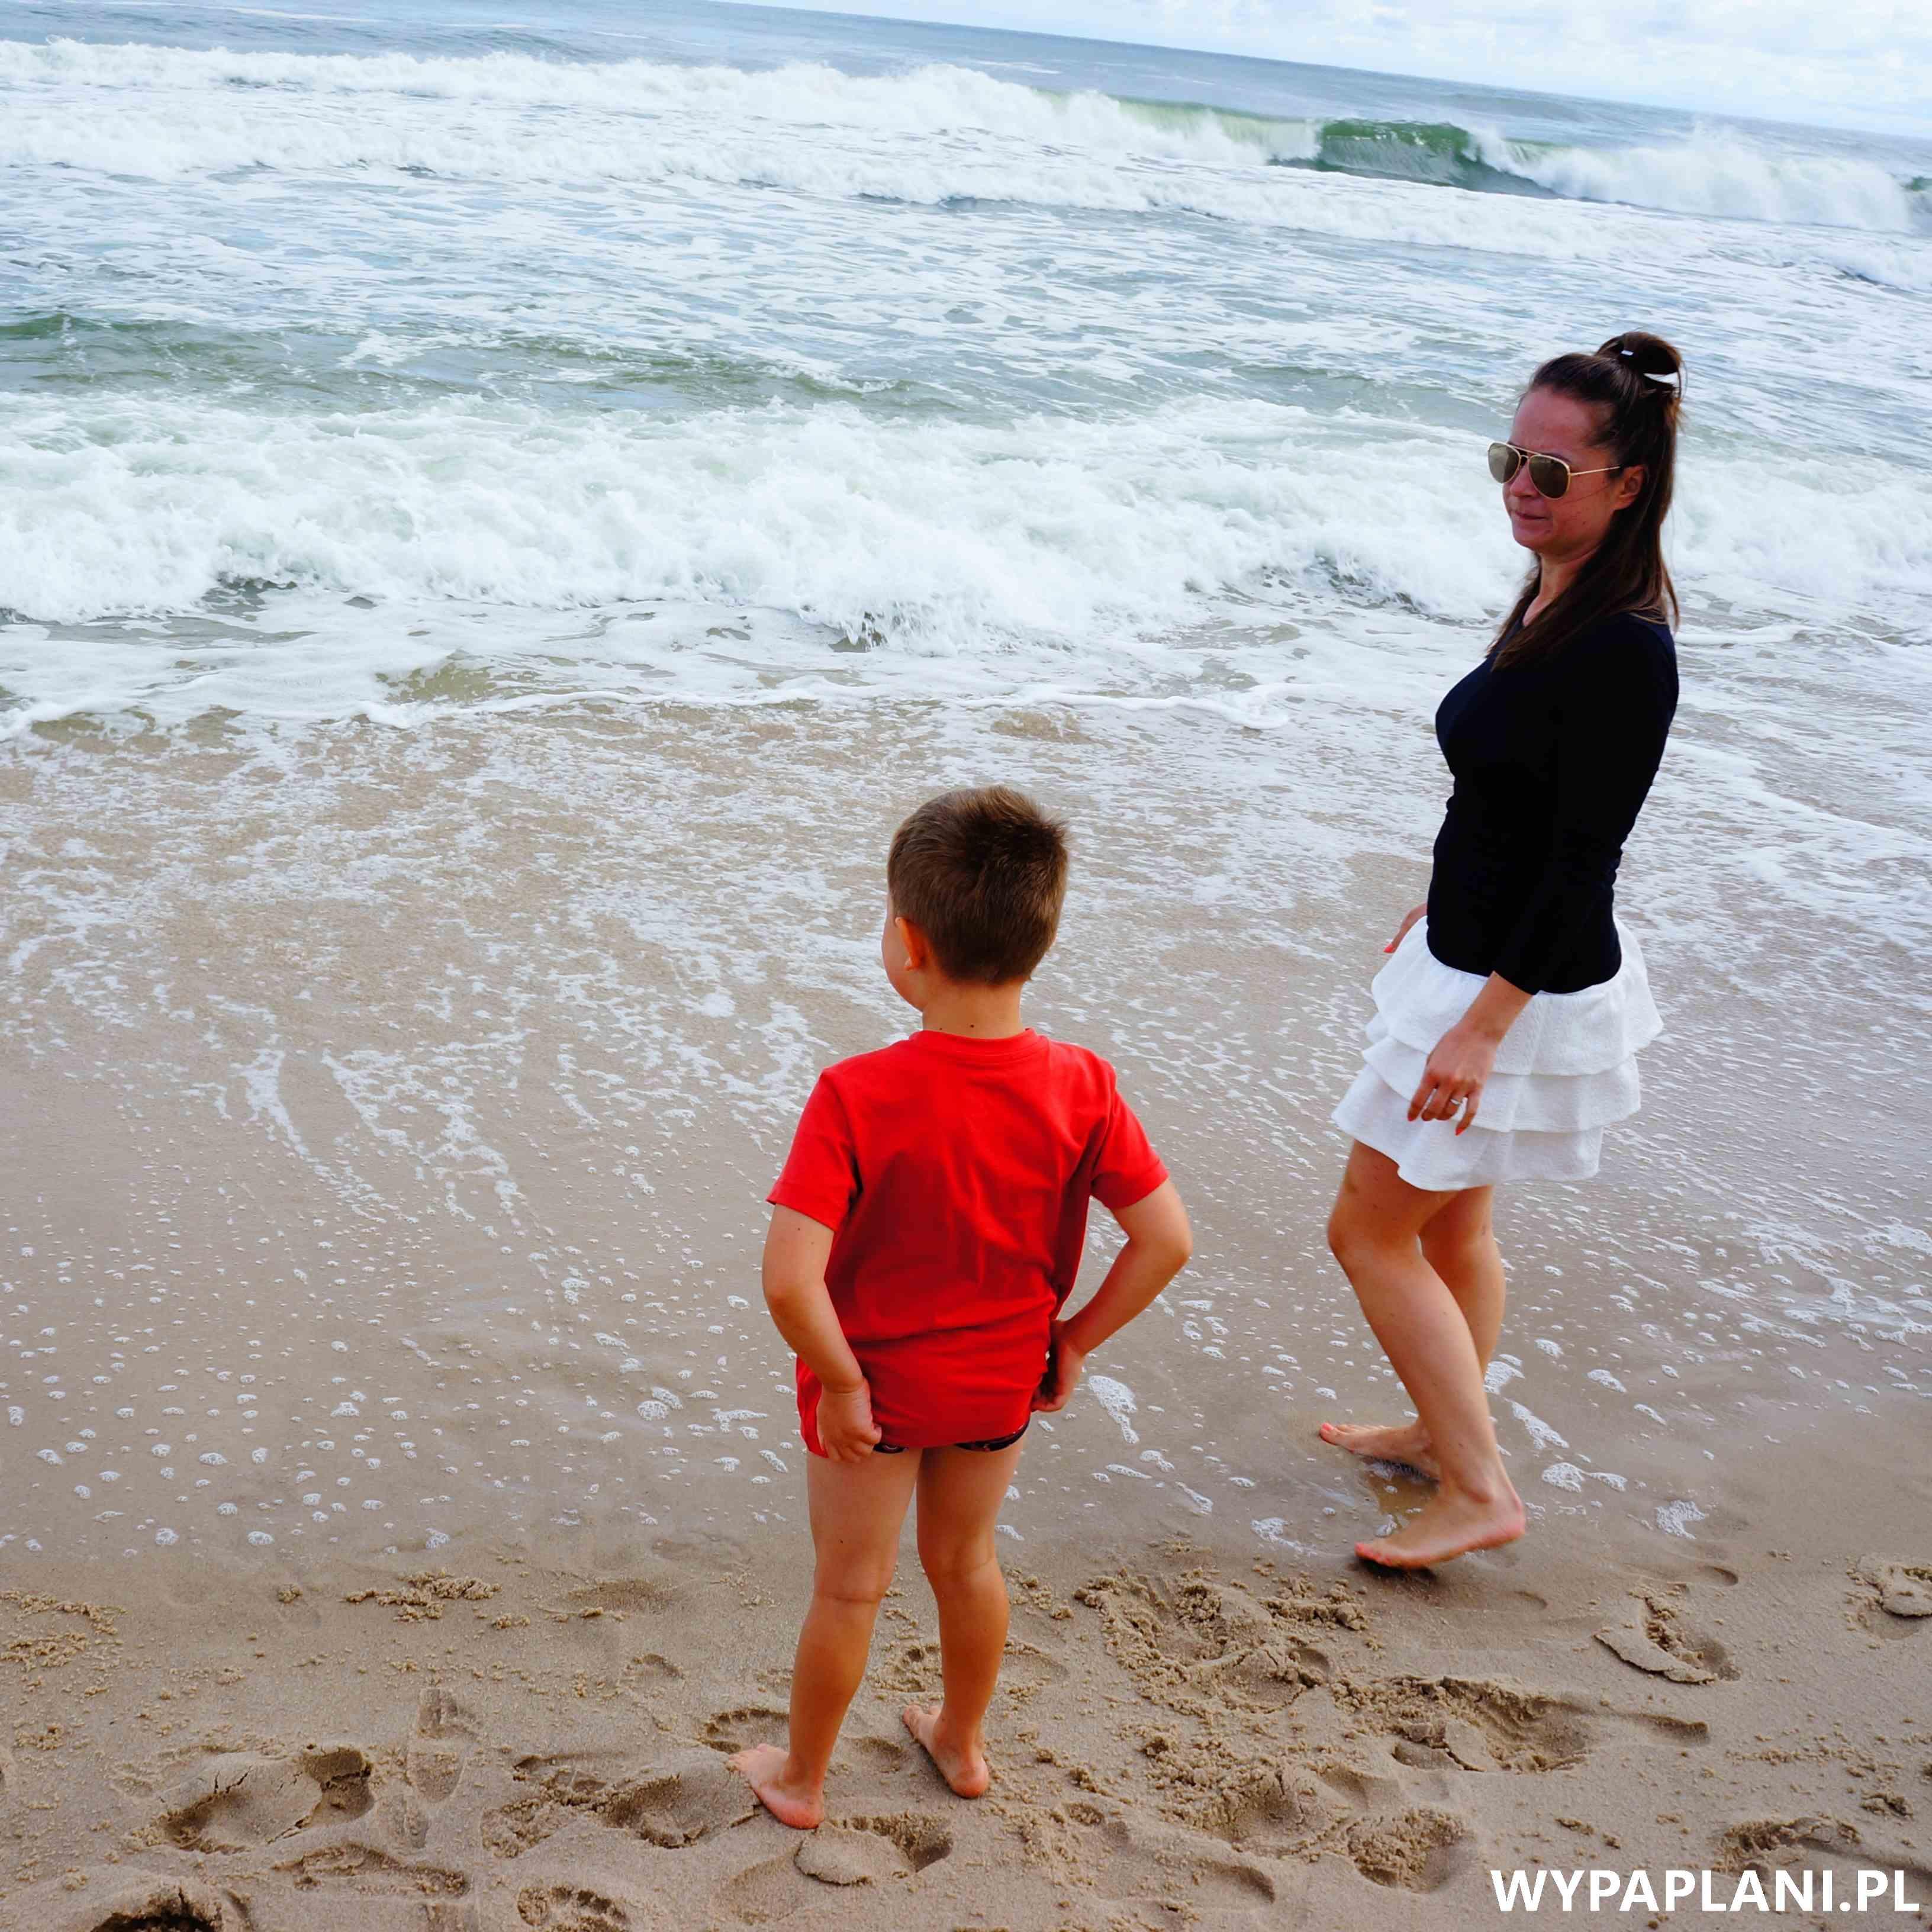 024a_top zabawki do piasku piaskownicy na plażę